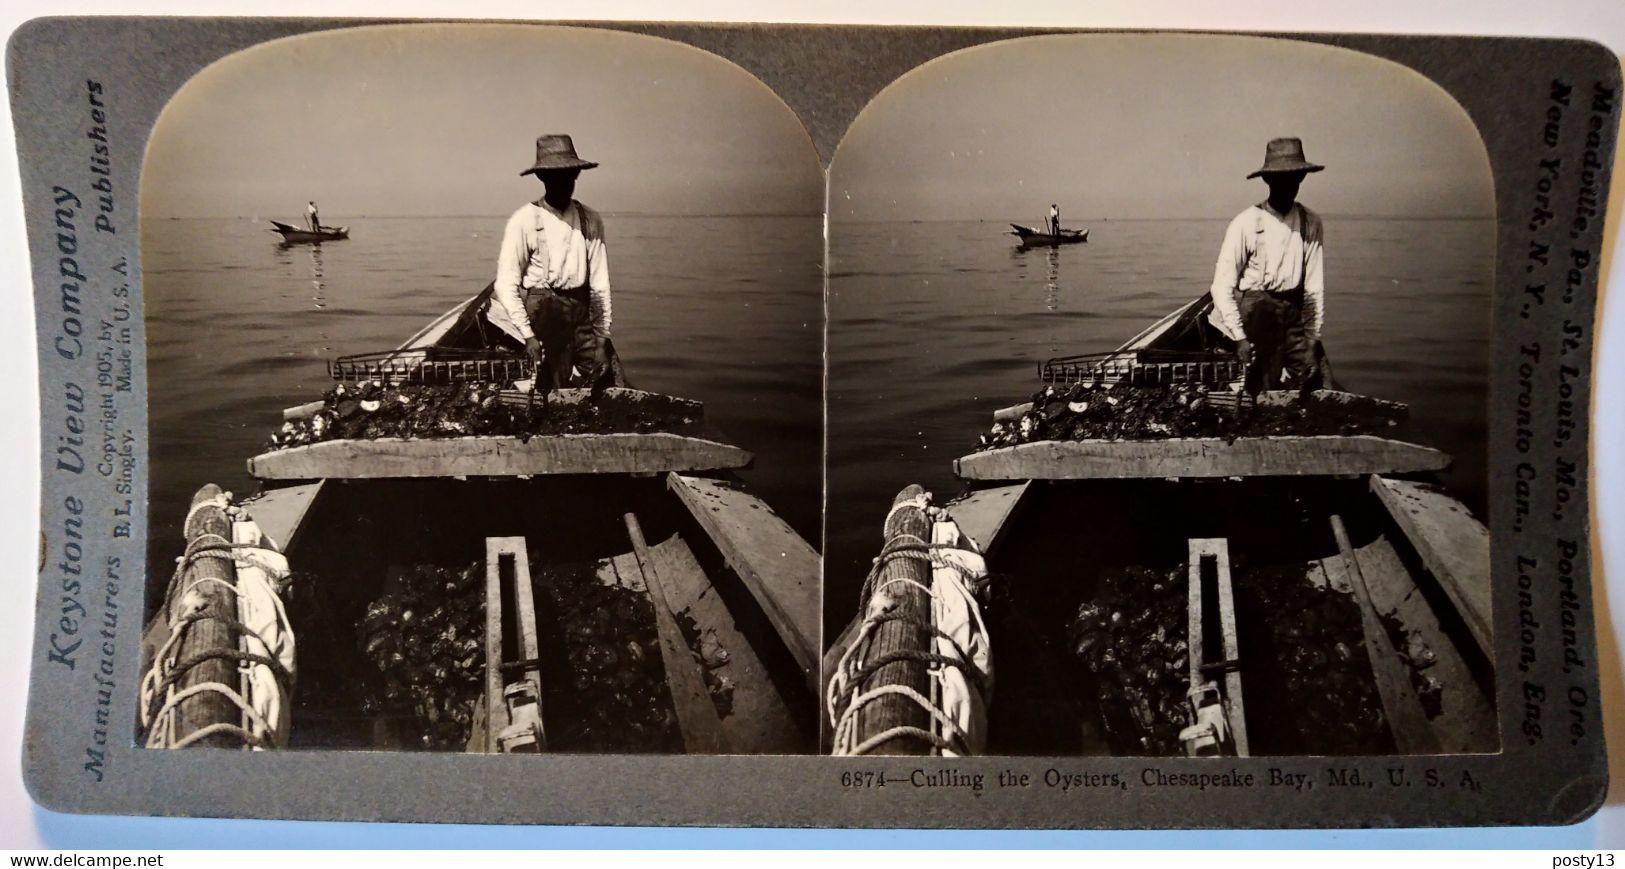 PHOTO STÉRÉO USA - Récolte Des Huîtres à Chesapeake Bay - Cliché De Singley 1905 - Ed. Keystone - TBE - Stereoscopio